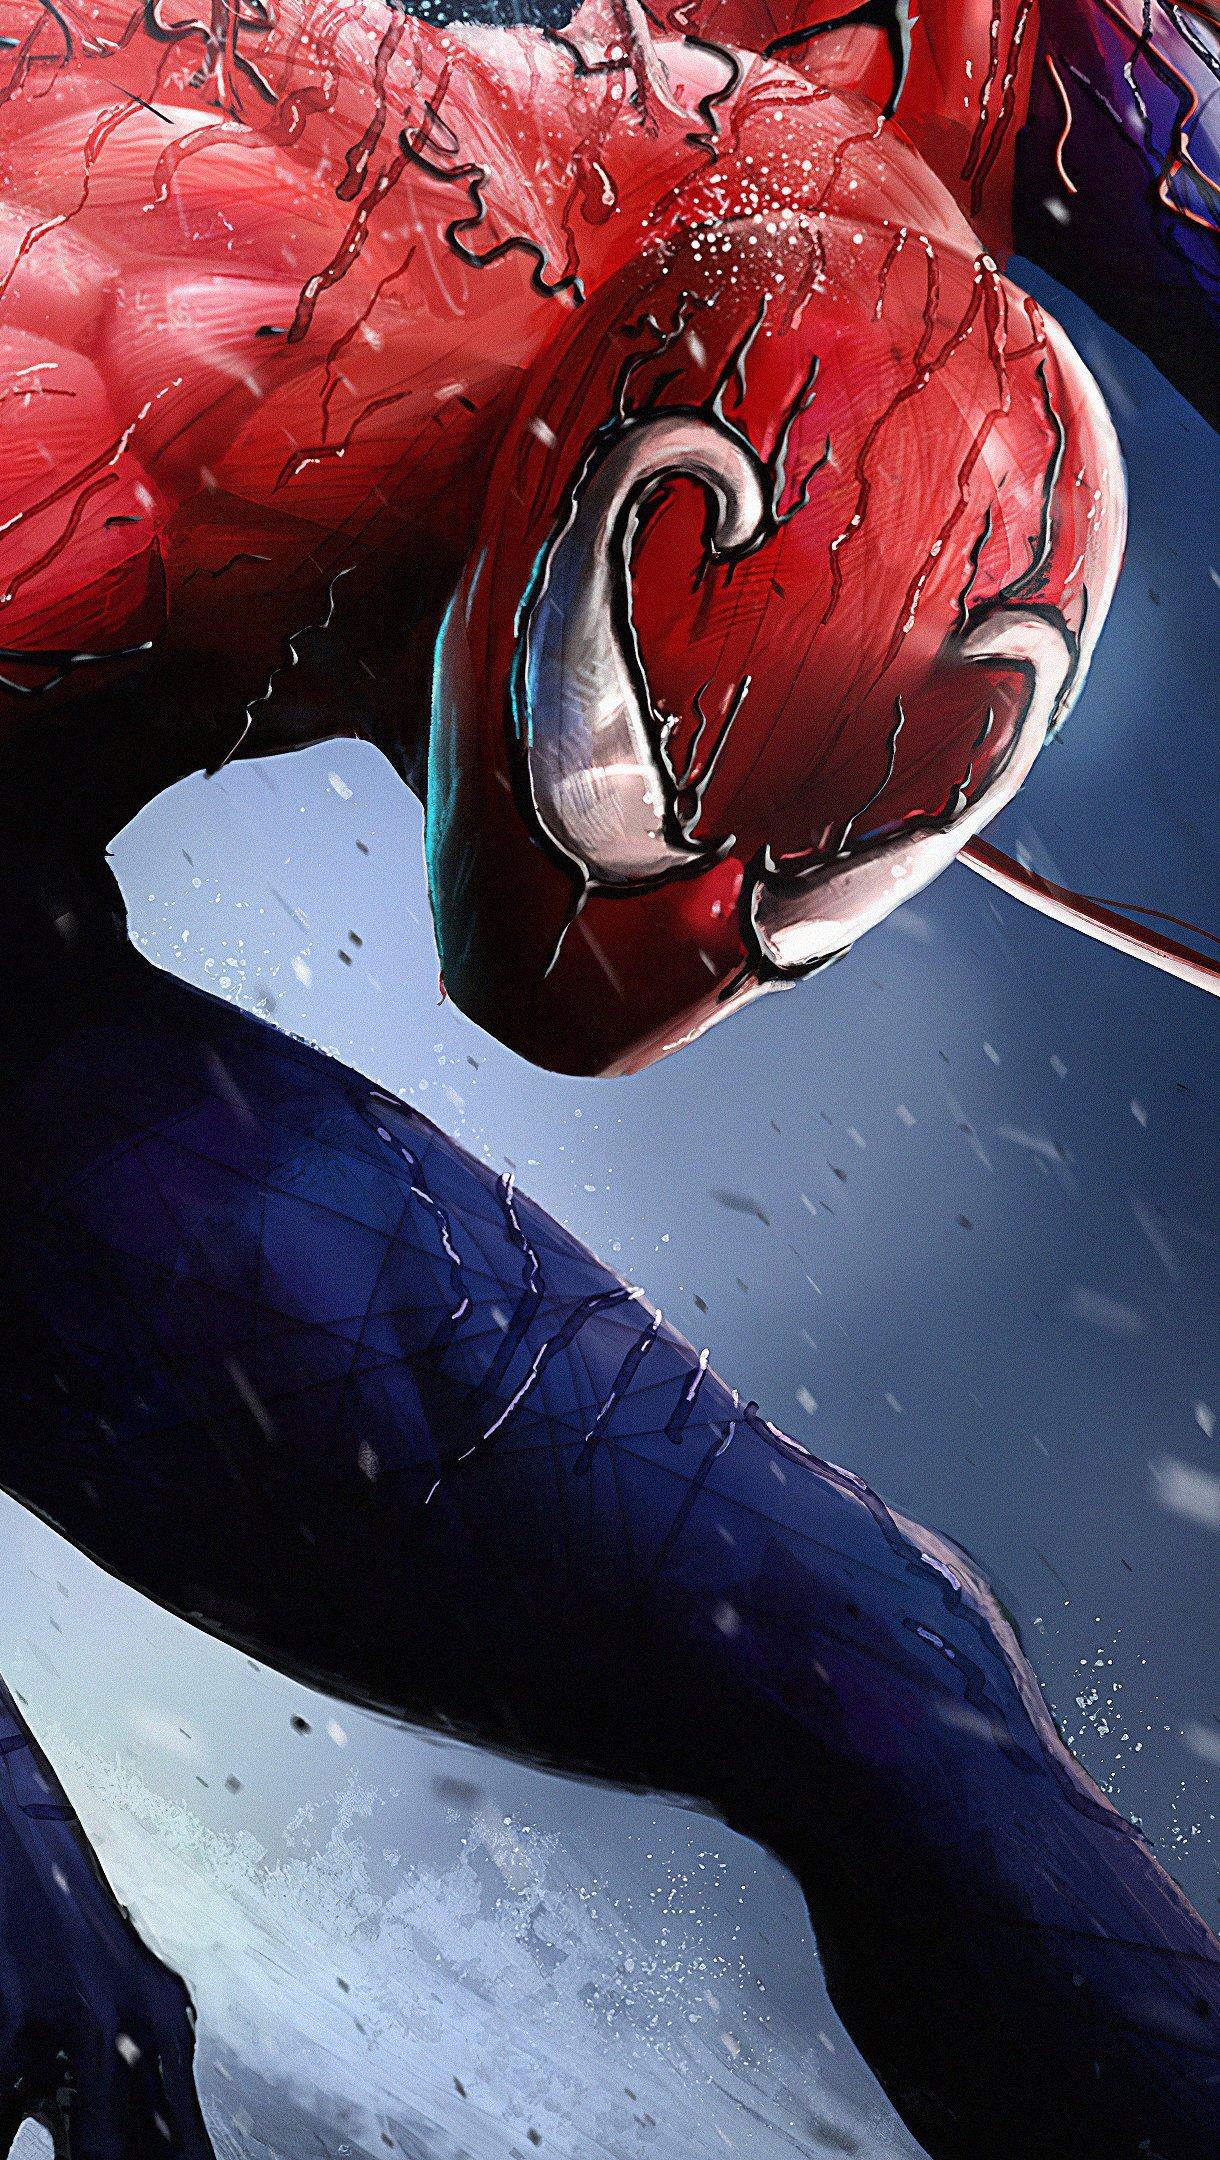 Fondos de pantalla Spiderman Tokin Dark Hearts Vertical